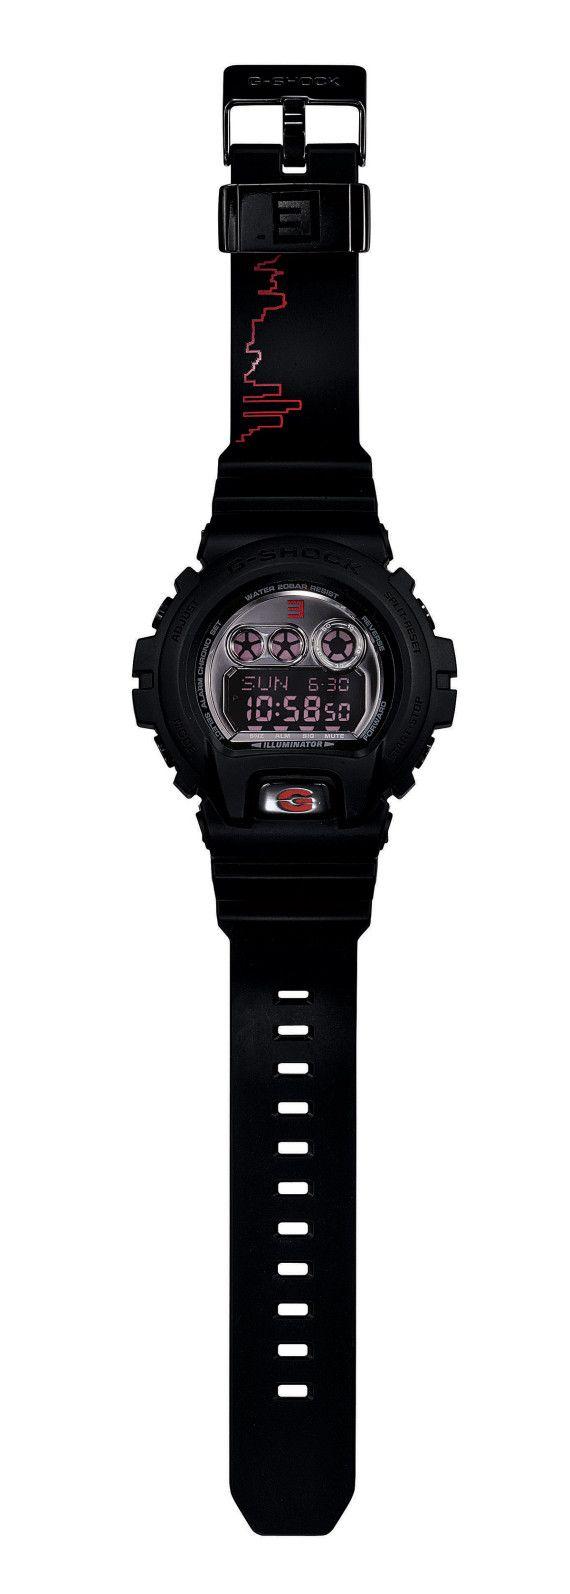 eminem x casio gshock gd x6900mnm 00b 570x1594 EMINEM x Casio G Shock GD X6900MNM Watch